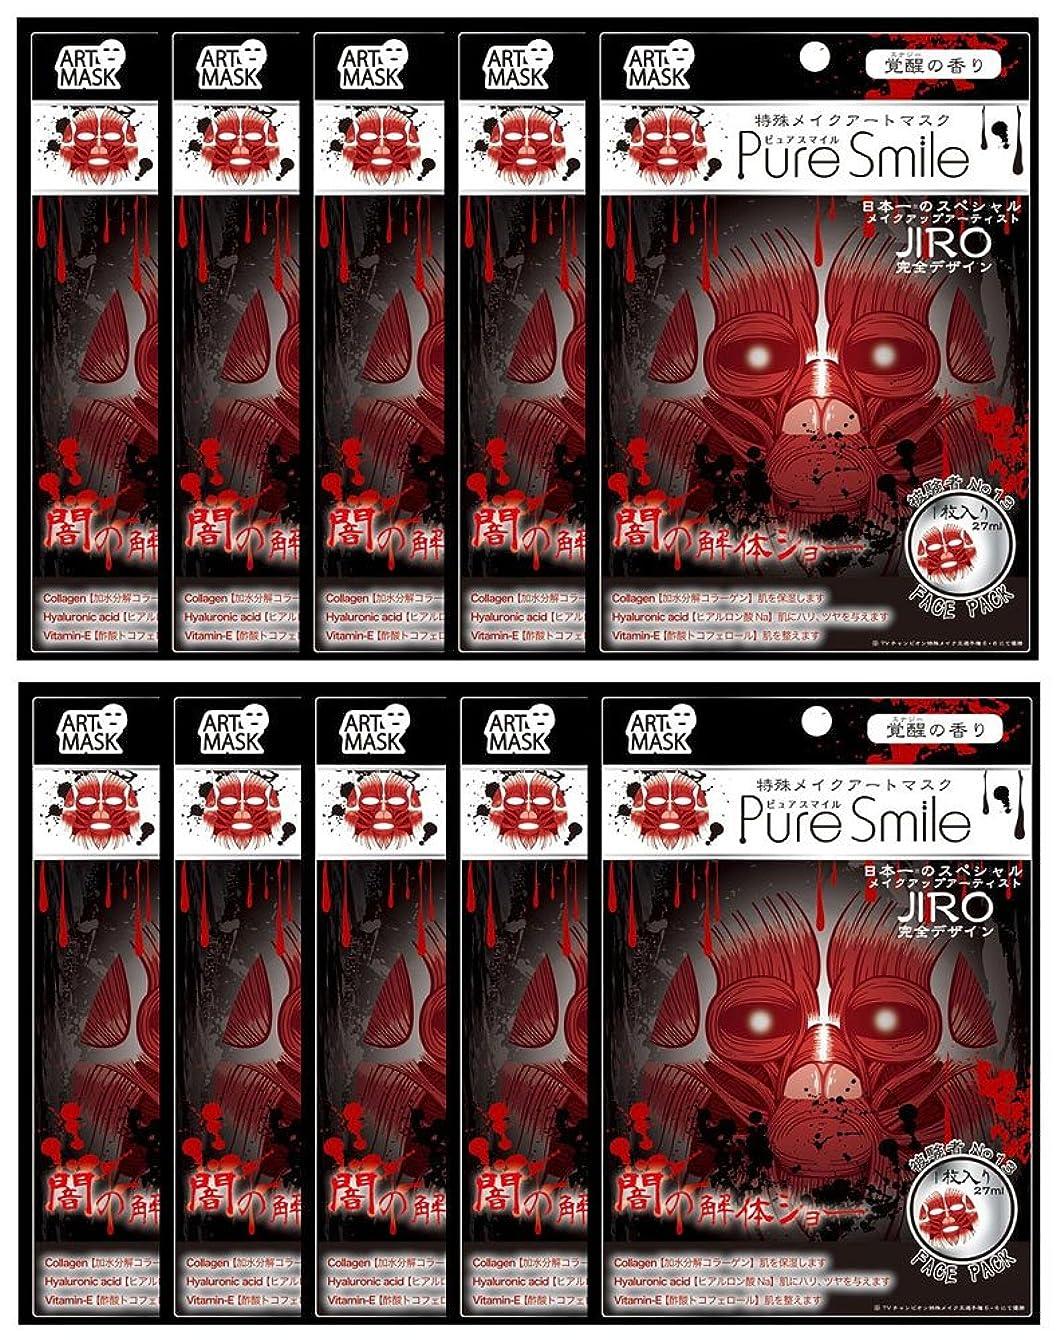 バブルリダクターローンピュアスマイル 特殊メイクアートマスク 被験者No13 ART13 1枚入 ×10セット